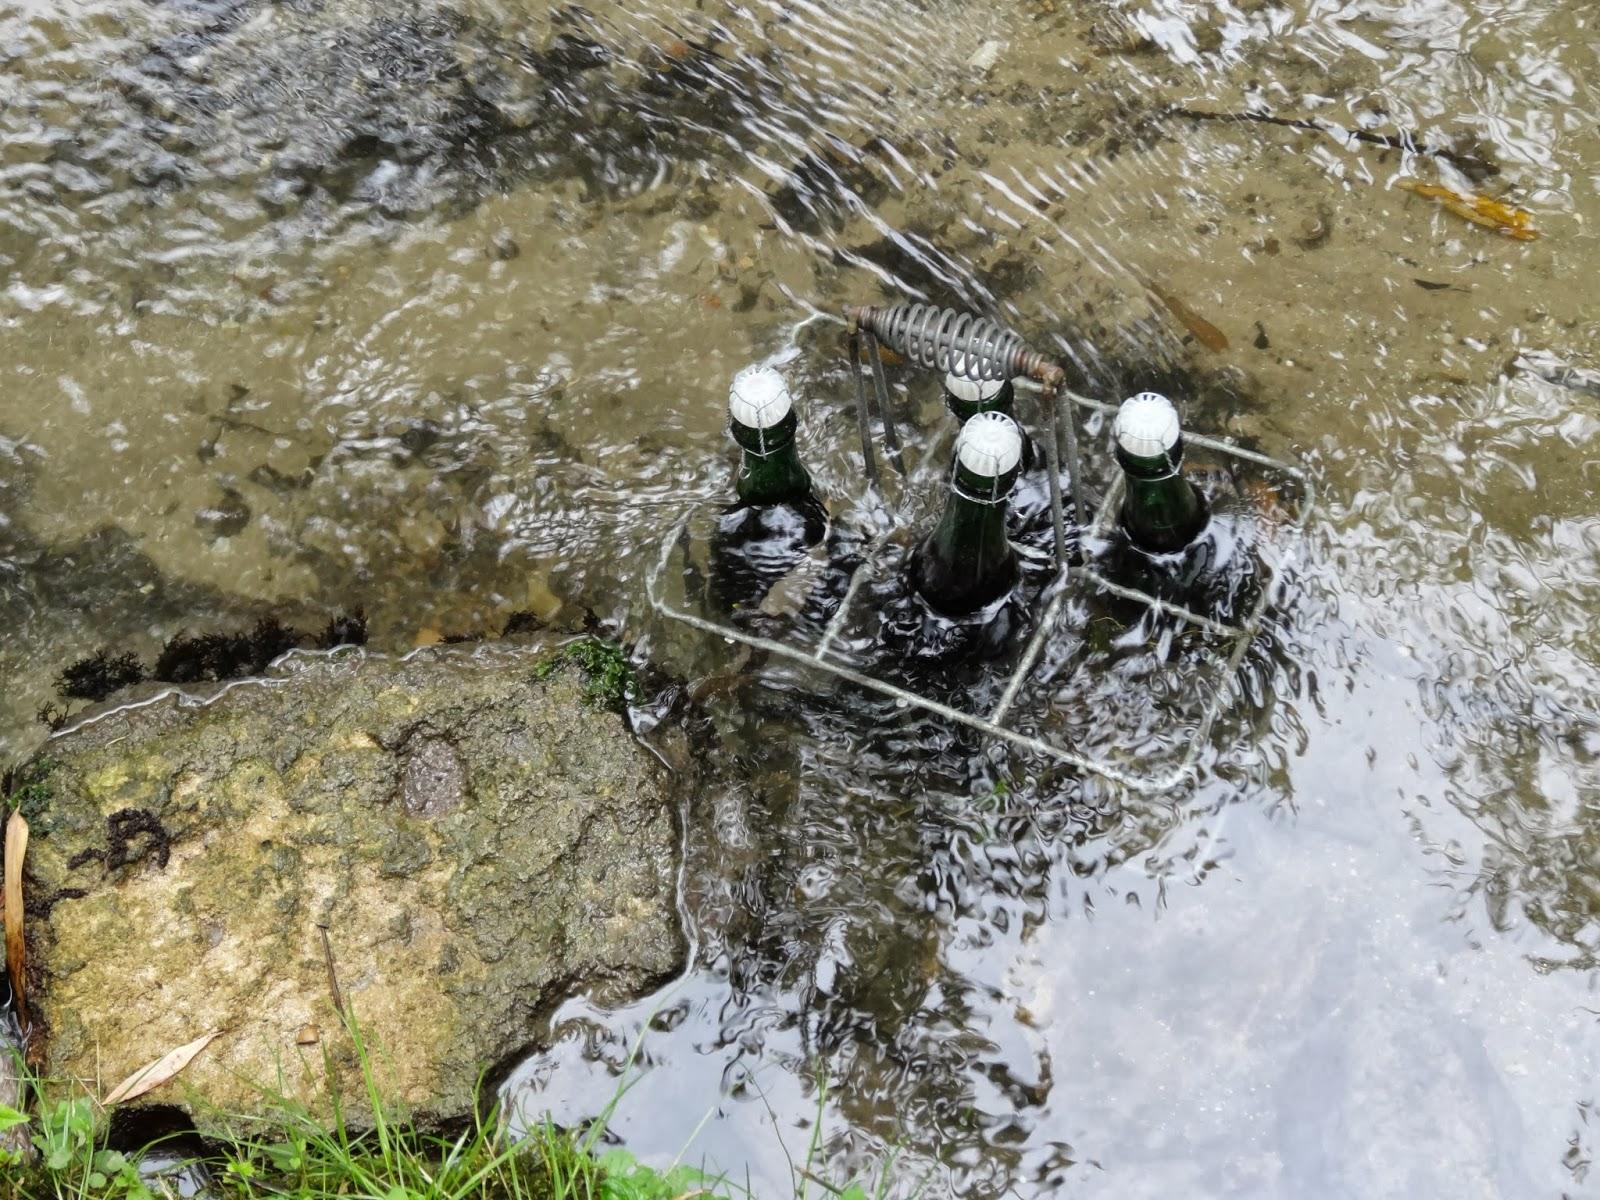 Des bouteilles de cidre attendent le visiteur, au frais dans la rivière...